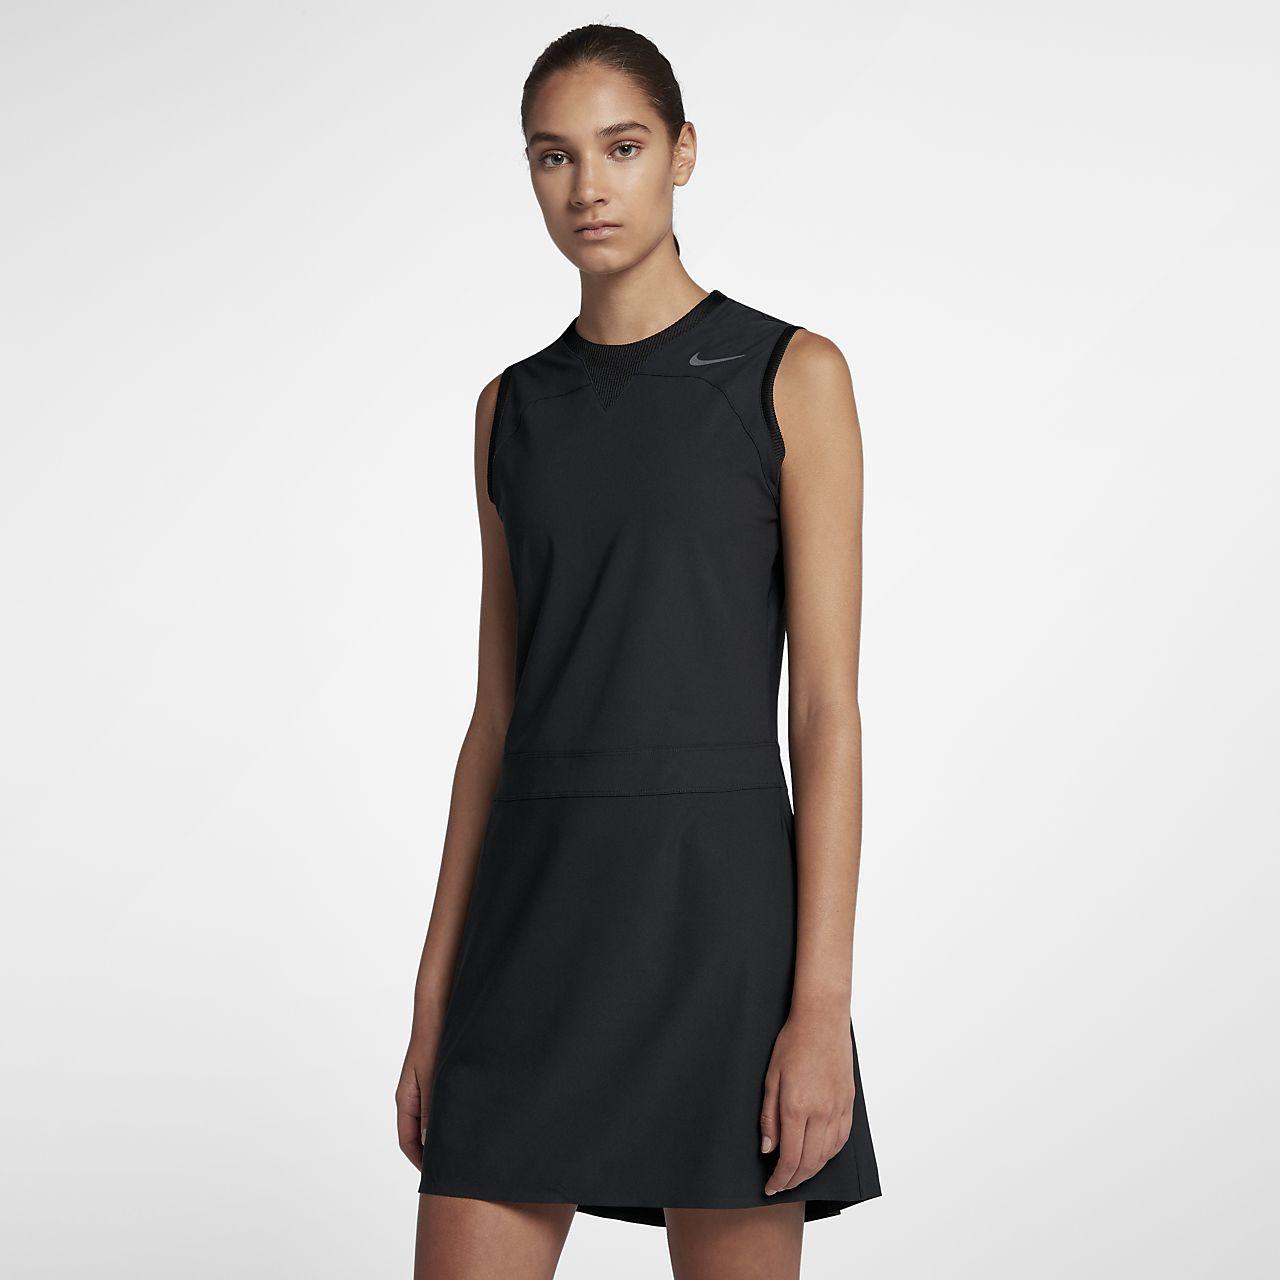 ... Robe de golf sans manches Nike Flex pour Femme